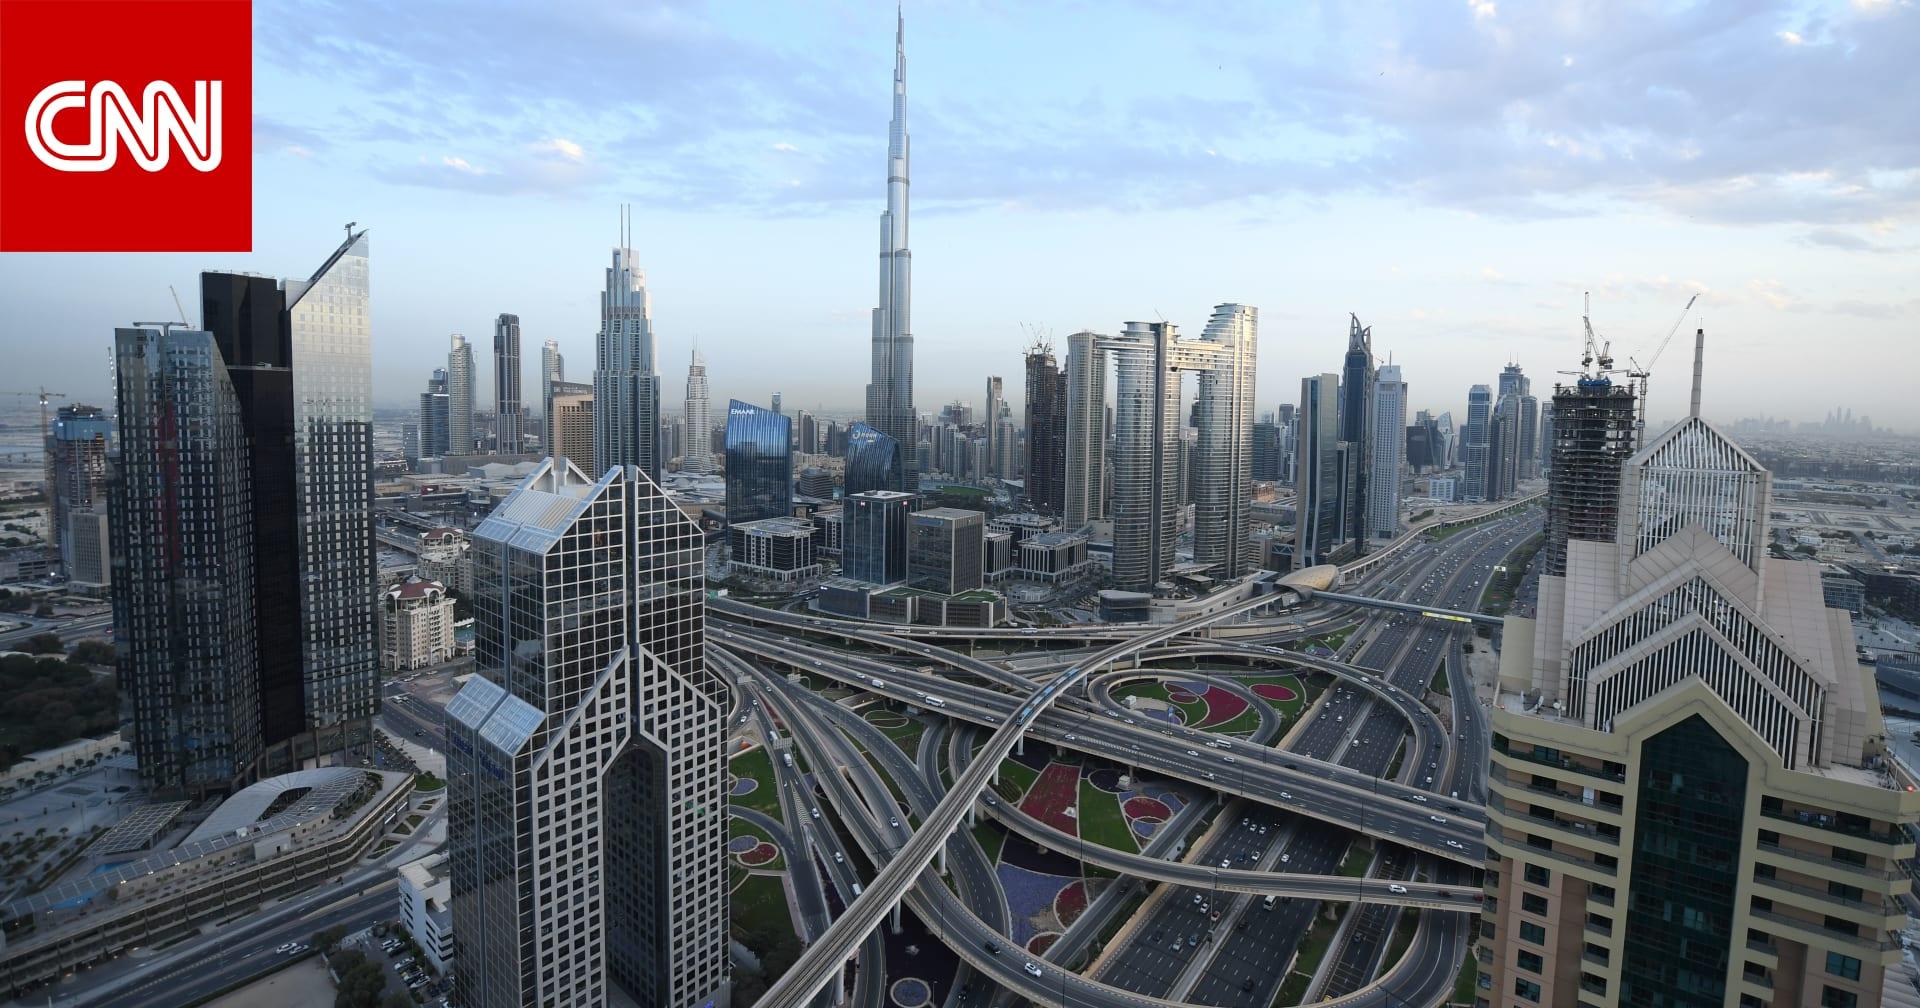 ما الذي تبحث عنه الشركات الإماراتية عند توظيف الكفاءات؟